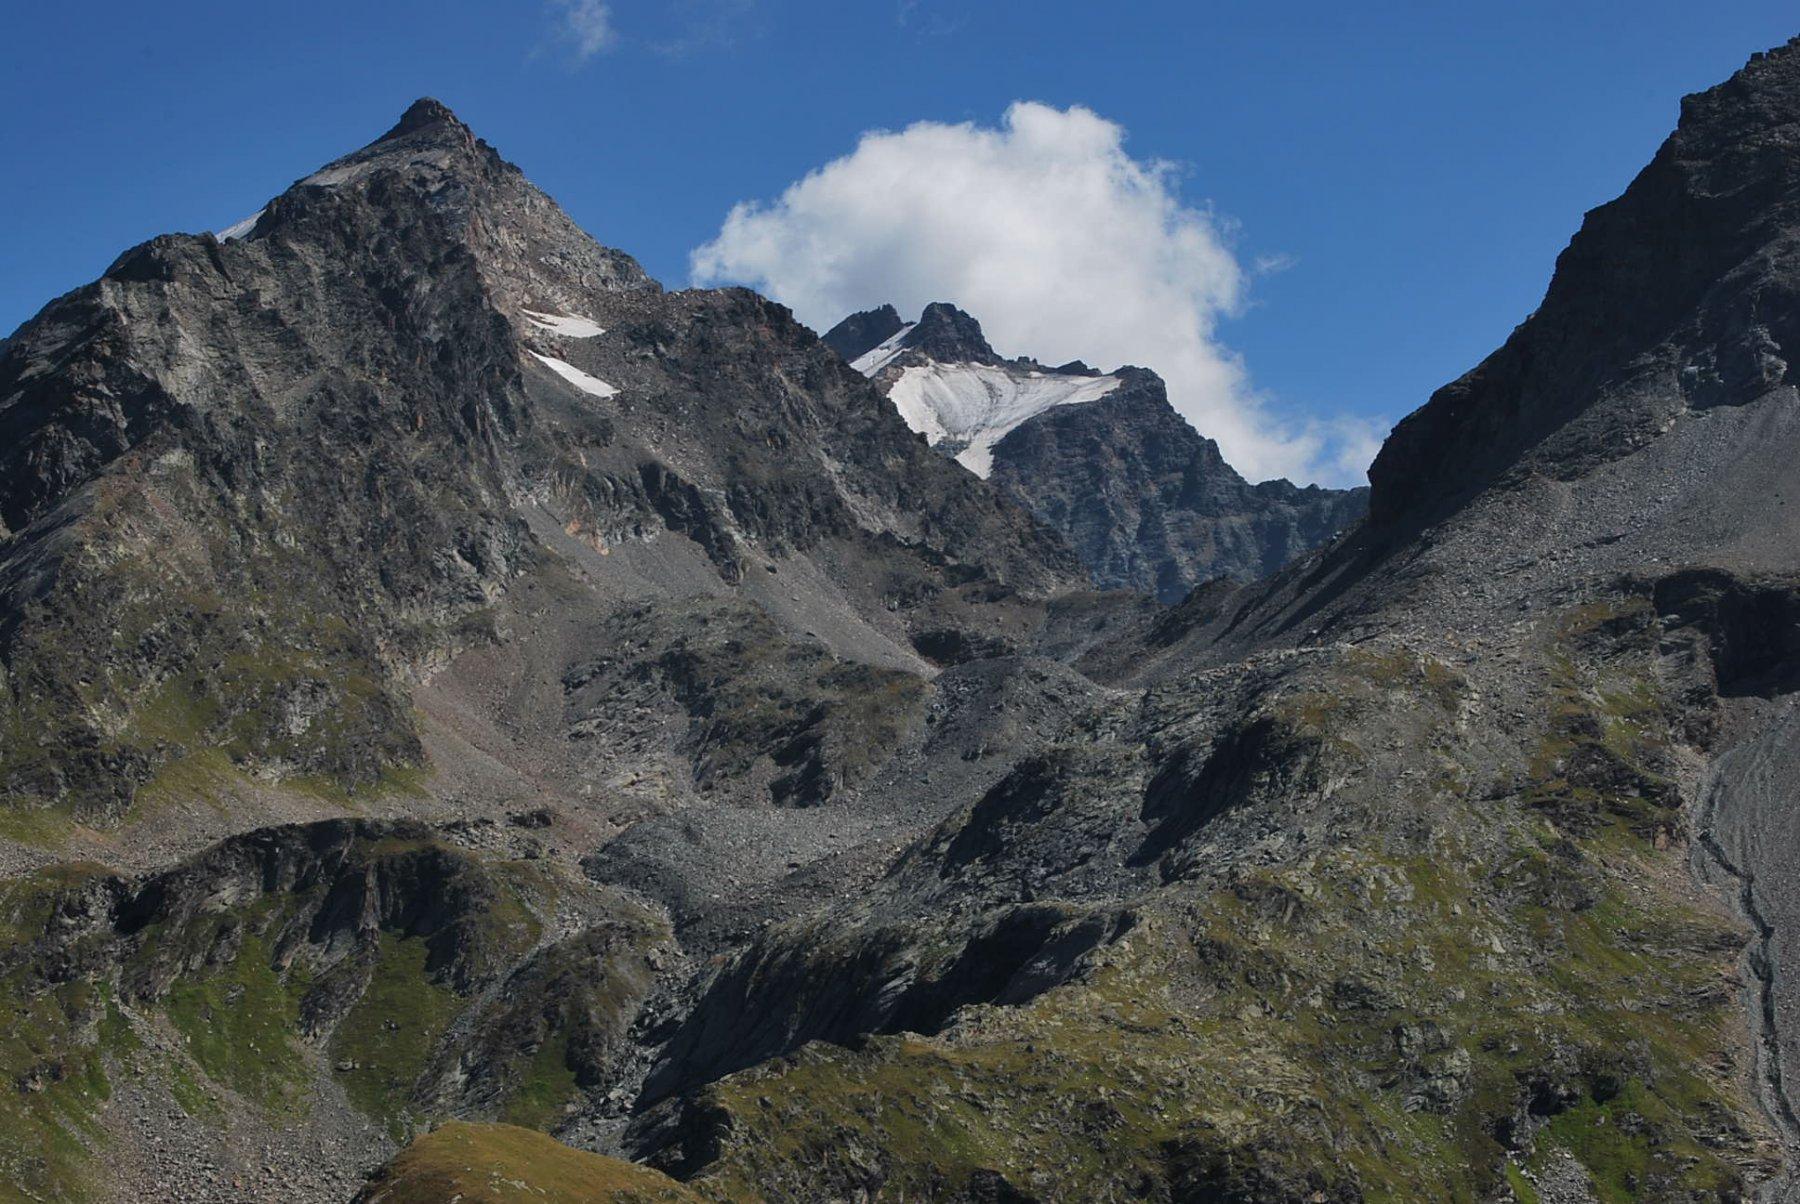 Rutor e Ghiacciaio S. Grato vista dalla sommità della Arete de Montseti attraverso il Col de la Sassiere. A snx la Becca du Lac